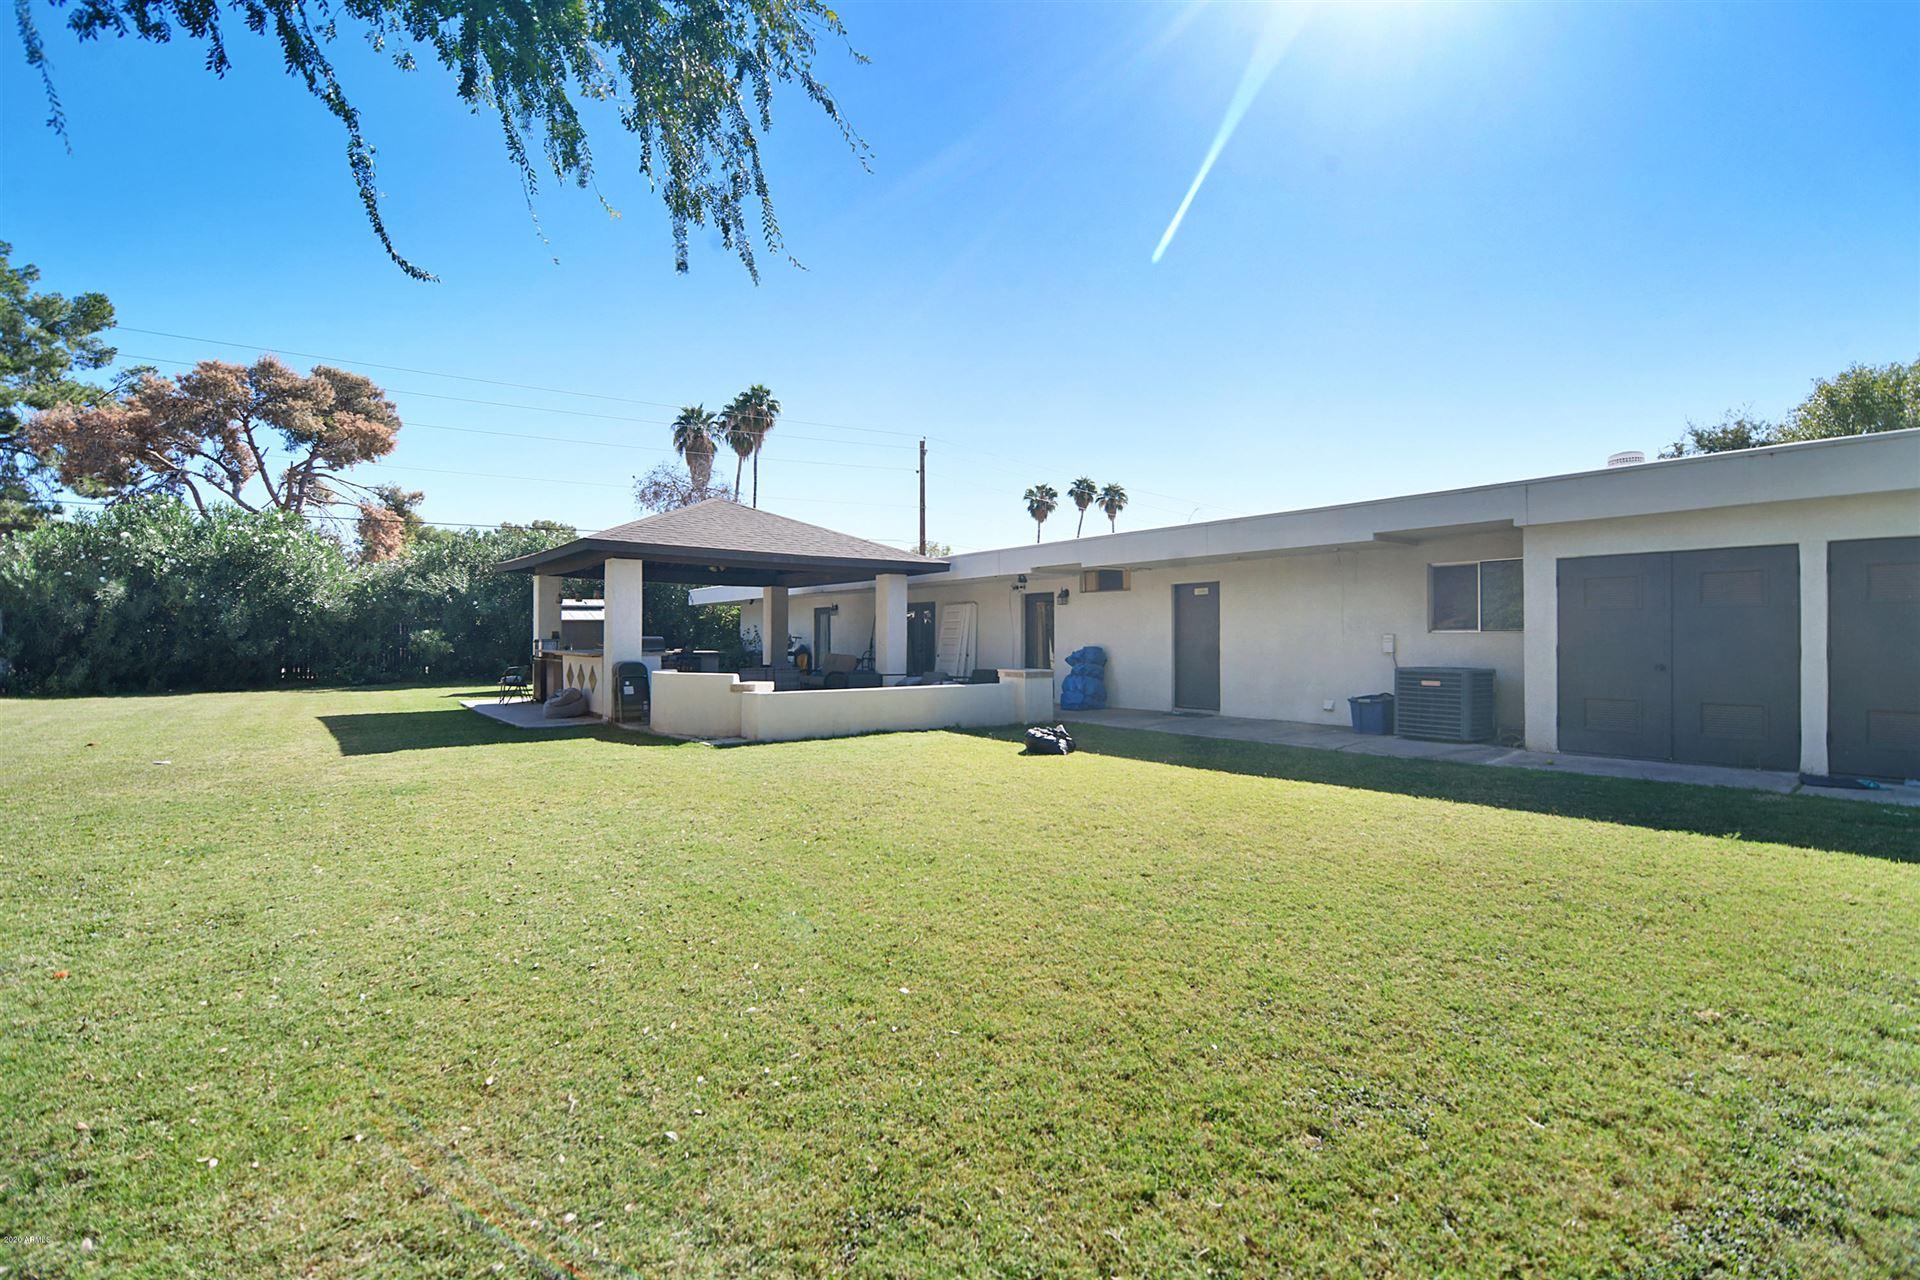 905 N HERITAGE --, Mesa, AZ 85201 - MLS#: 6017595